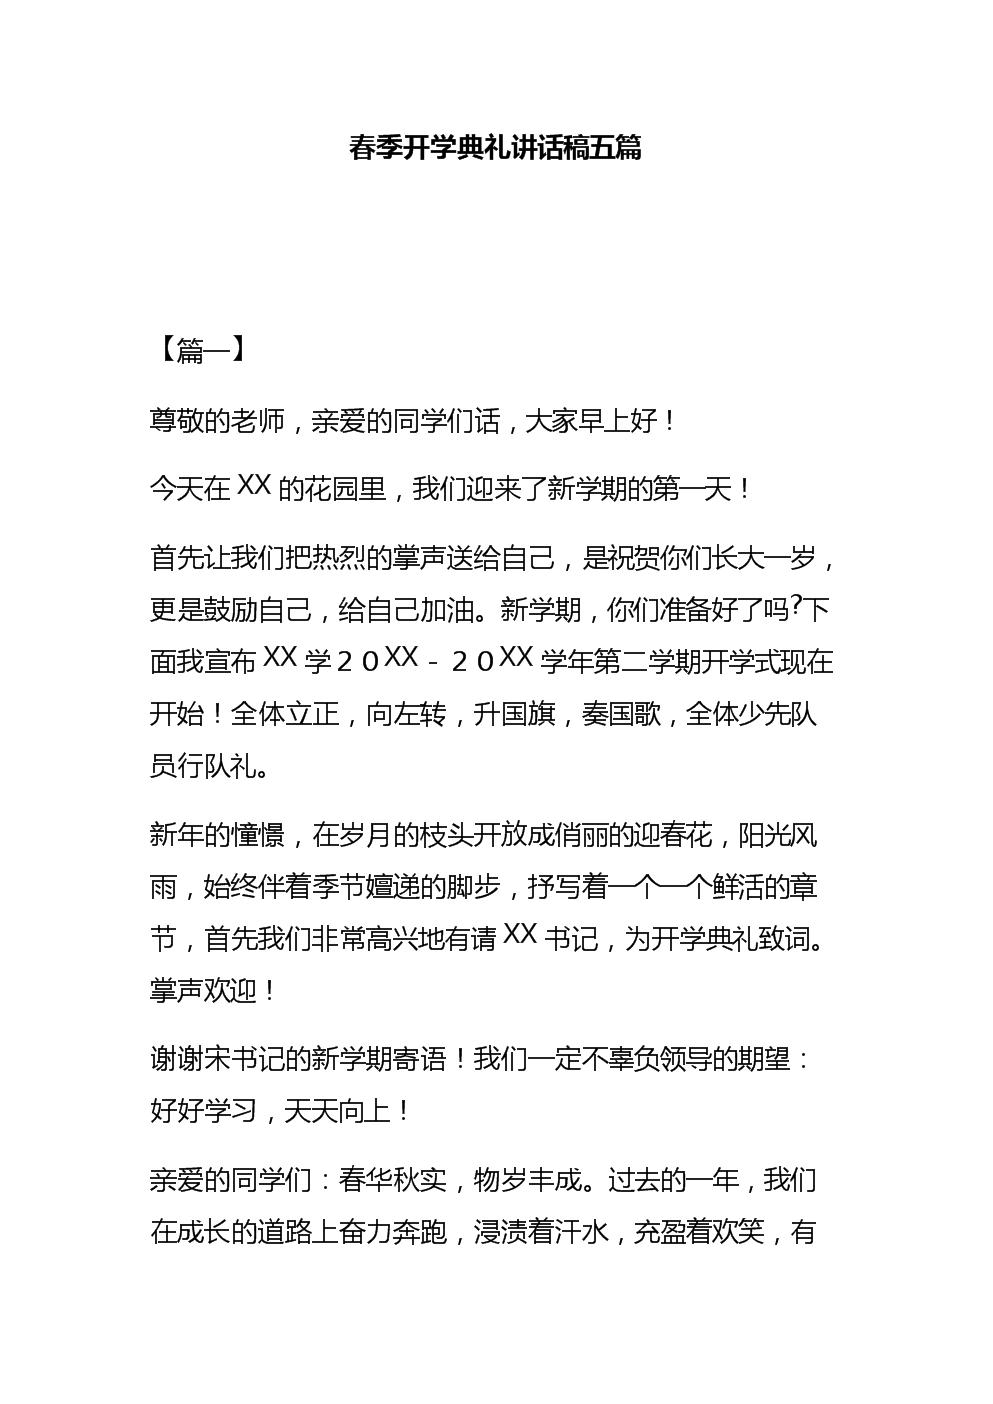 春季开学典礼讲话稿(五篇).docx